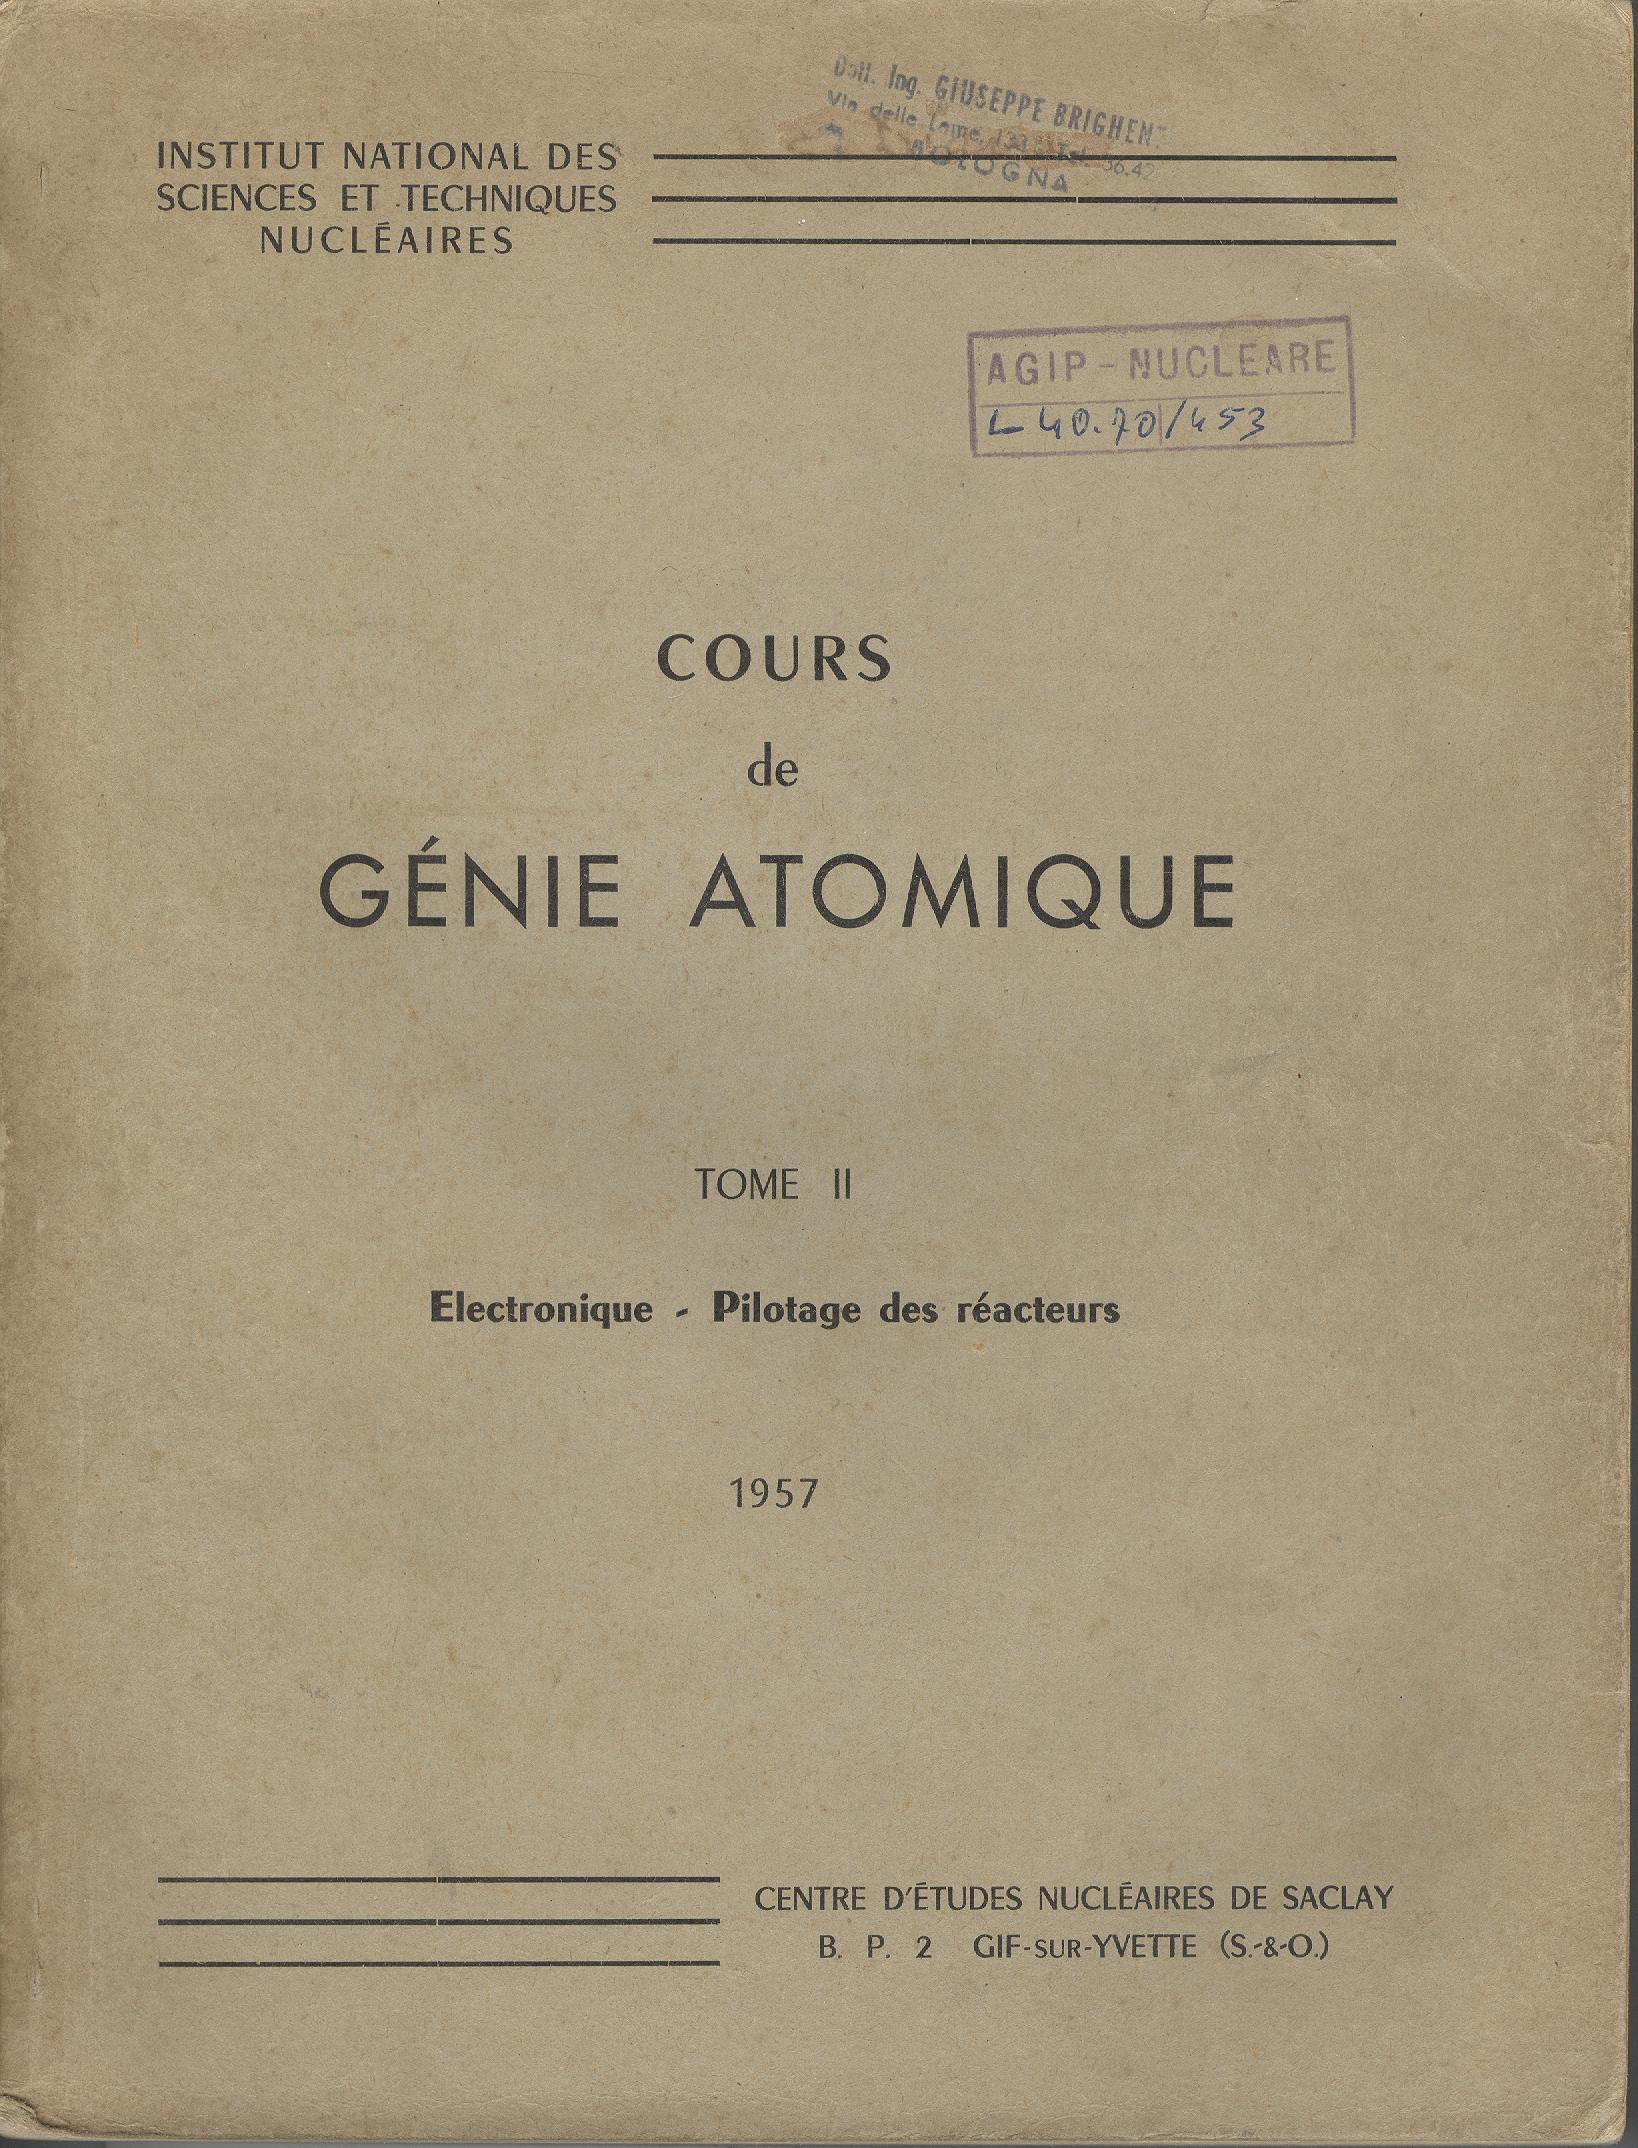 Cours de Génie Atomique, Tome II